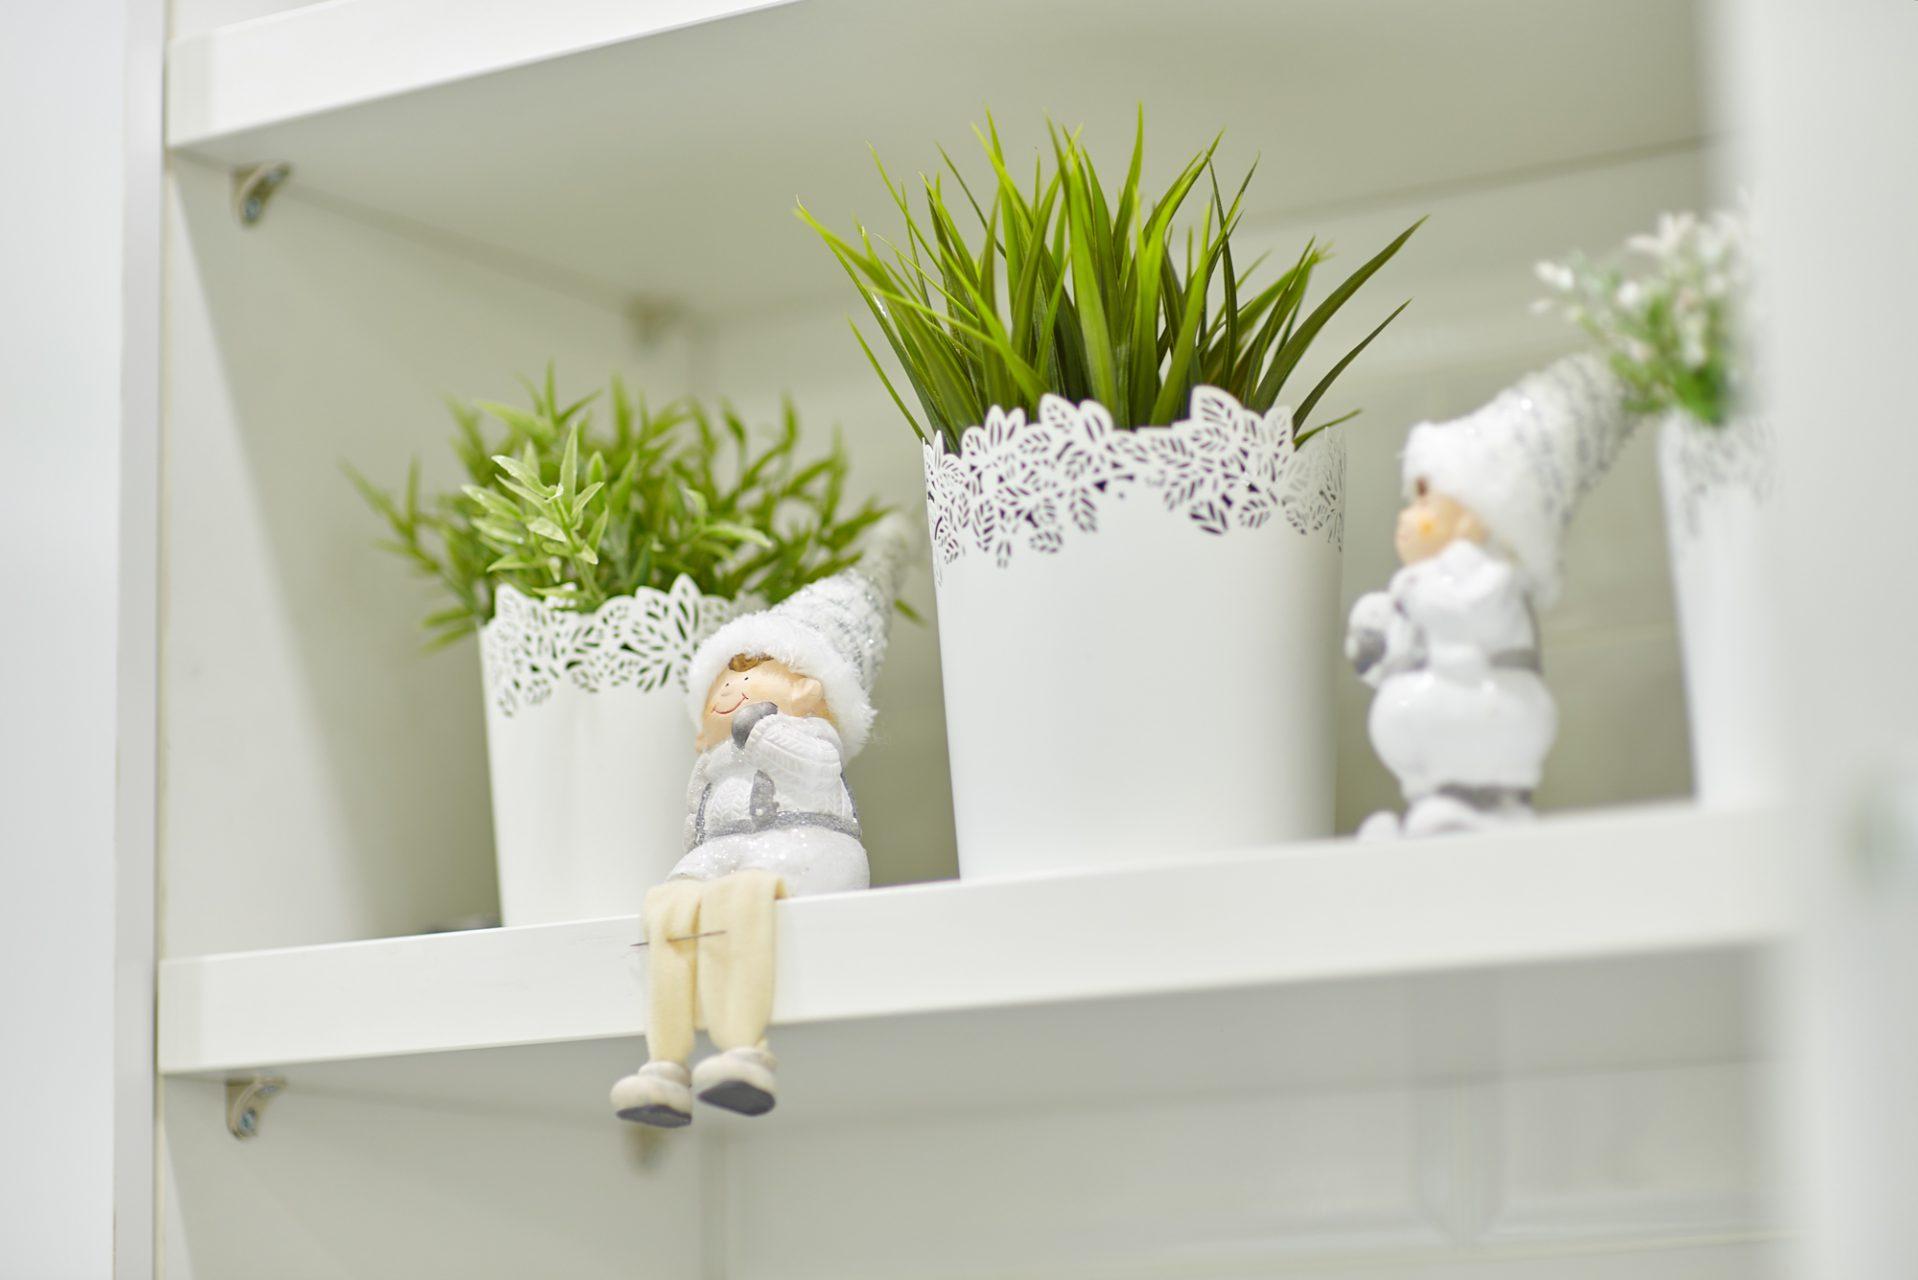 016_interior_kitchen1_korneychikeu